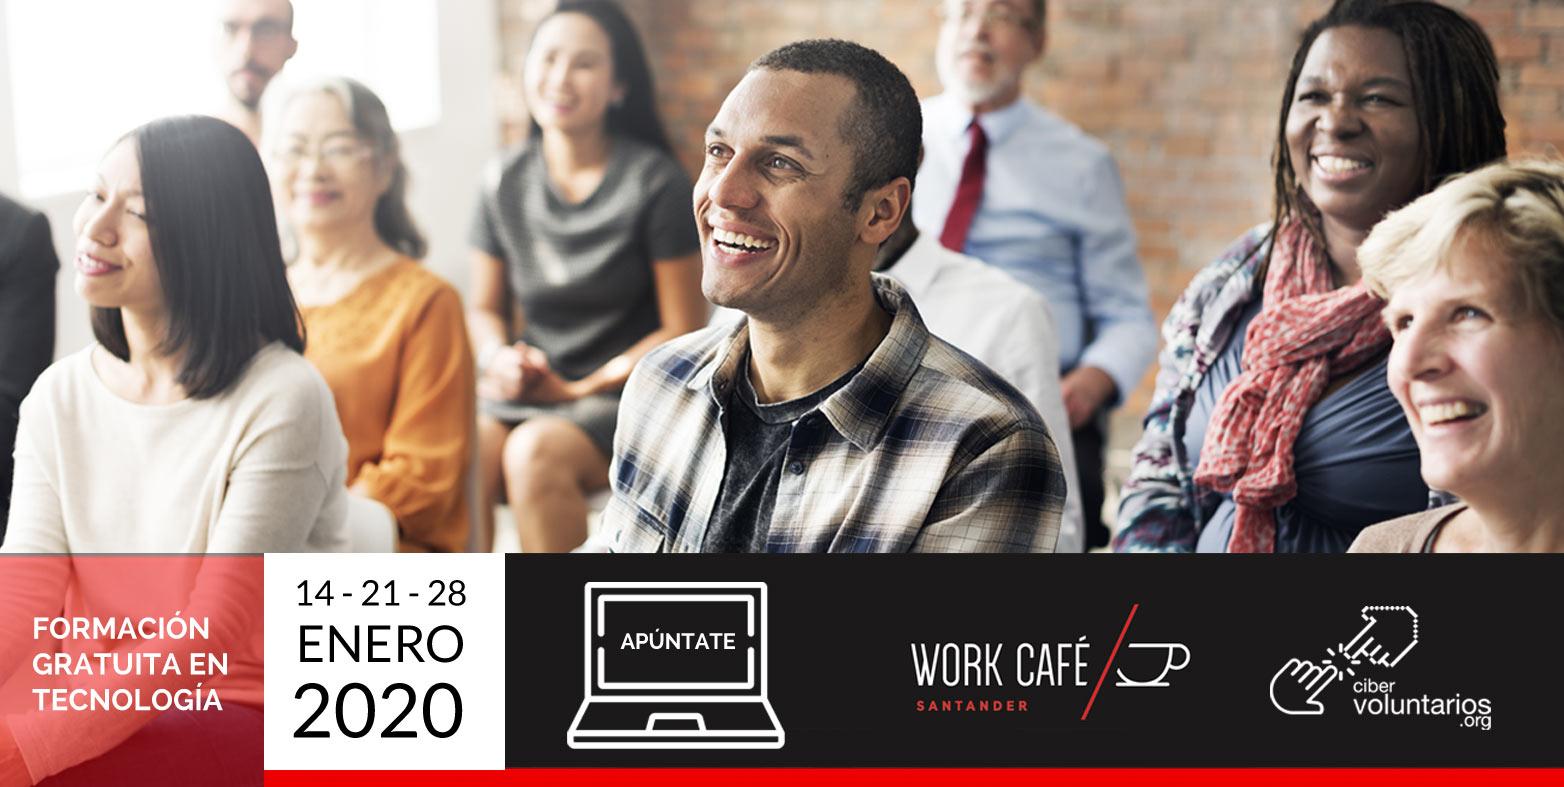 Nuevos talleres gratuitos para potenciar tus habilidades digitales con Cibervoluntarios y Work Café en Madrid